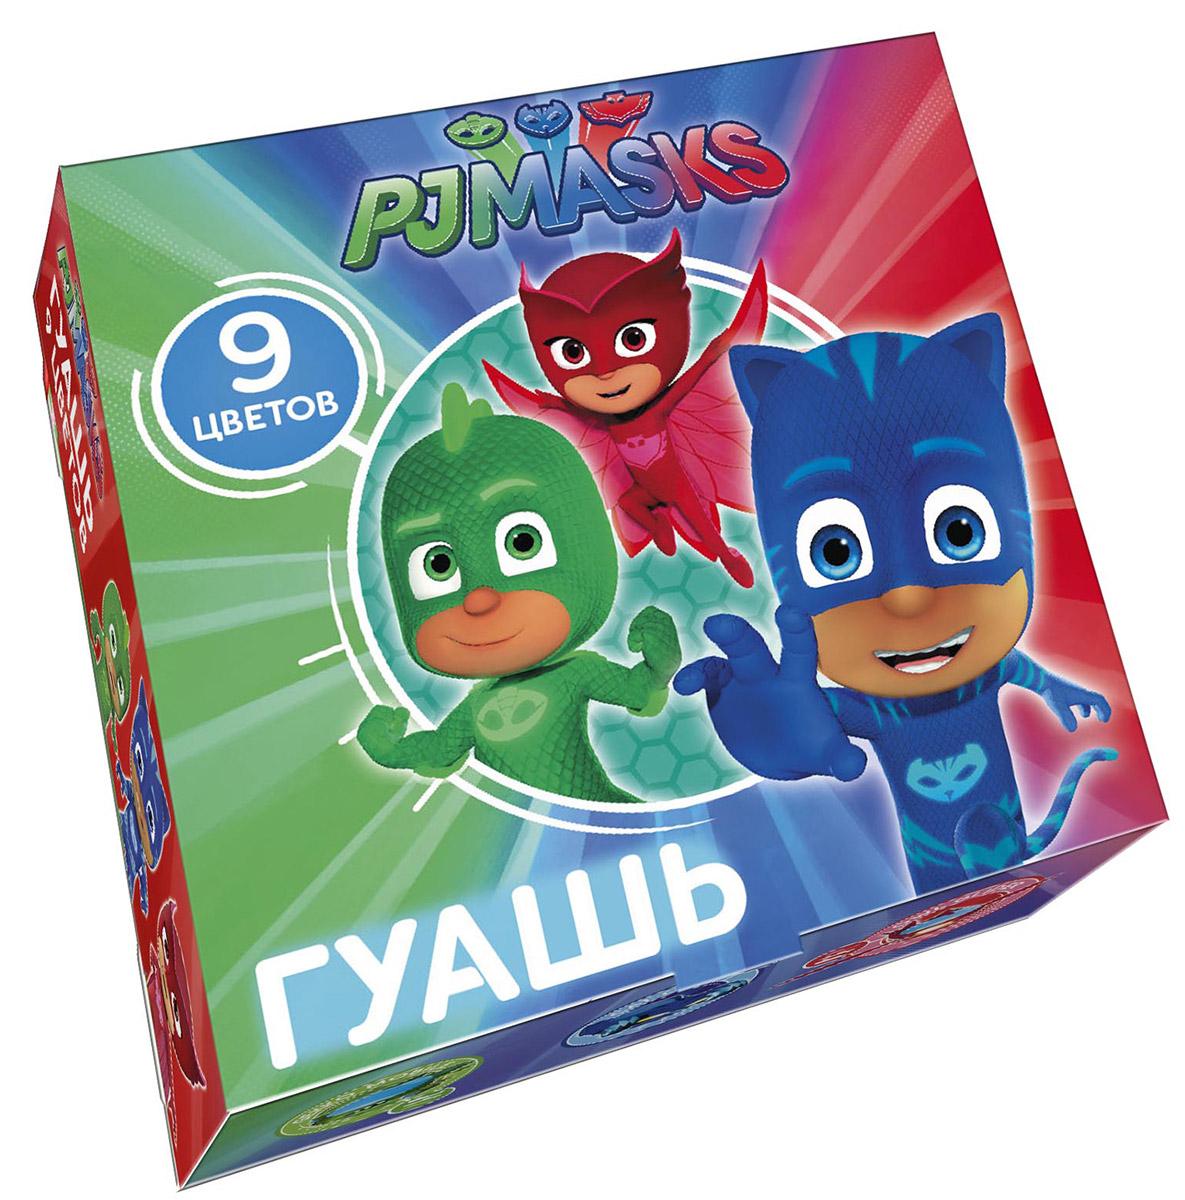 PJ Masks Гуашь Герои в масках 9 цветов327679 насыщенных цветов гуаши PJ Masks Герои в масках помогут вашему юному художнику создавать множество ярких рисунков, развивая при этом воображение, мелкую моторику, цветовосприятие и умение рисовать. А герои мультфильма, изображенные на упаковке, будут радовать кроху и вдохновлять на новые детские шедевры. Краска идеально подходит для рисования на бумаге, картоне, холсте, ткани и фанере: она хорошо размывается водой, легко наносится, при высыхании приобретает матовую, бархатистую поверхность. Гуашь легко смывается с рук и одежды, безопасна при использовании по назначению. В наборе Герои в масках 9 насыщенных цветов гуаши в прозрачных баночках по 20 мл с навинчивающимися крышками. Цвета: белый, желтый, оранжевый, красный, розовый, синий, зеленый, коричневый, черный. Состав: вода питьевая, метилцеллюлоза, пигменты органические и неорганические, глицерин. Срок годности: 2 года. Размер упаковки: 11,6 х 11,6 х 4 см.